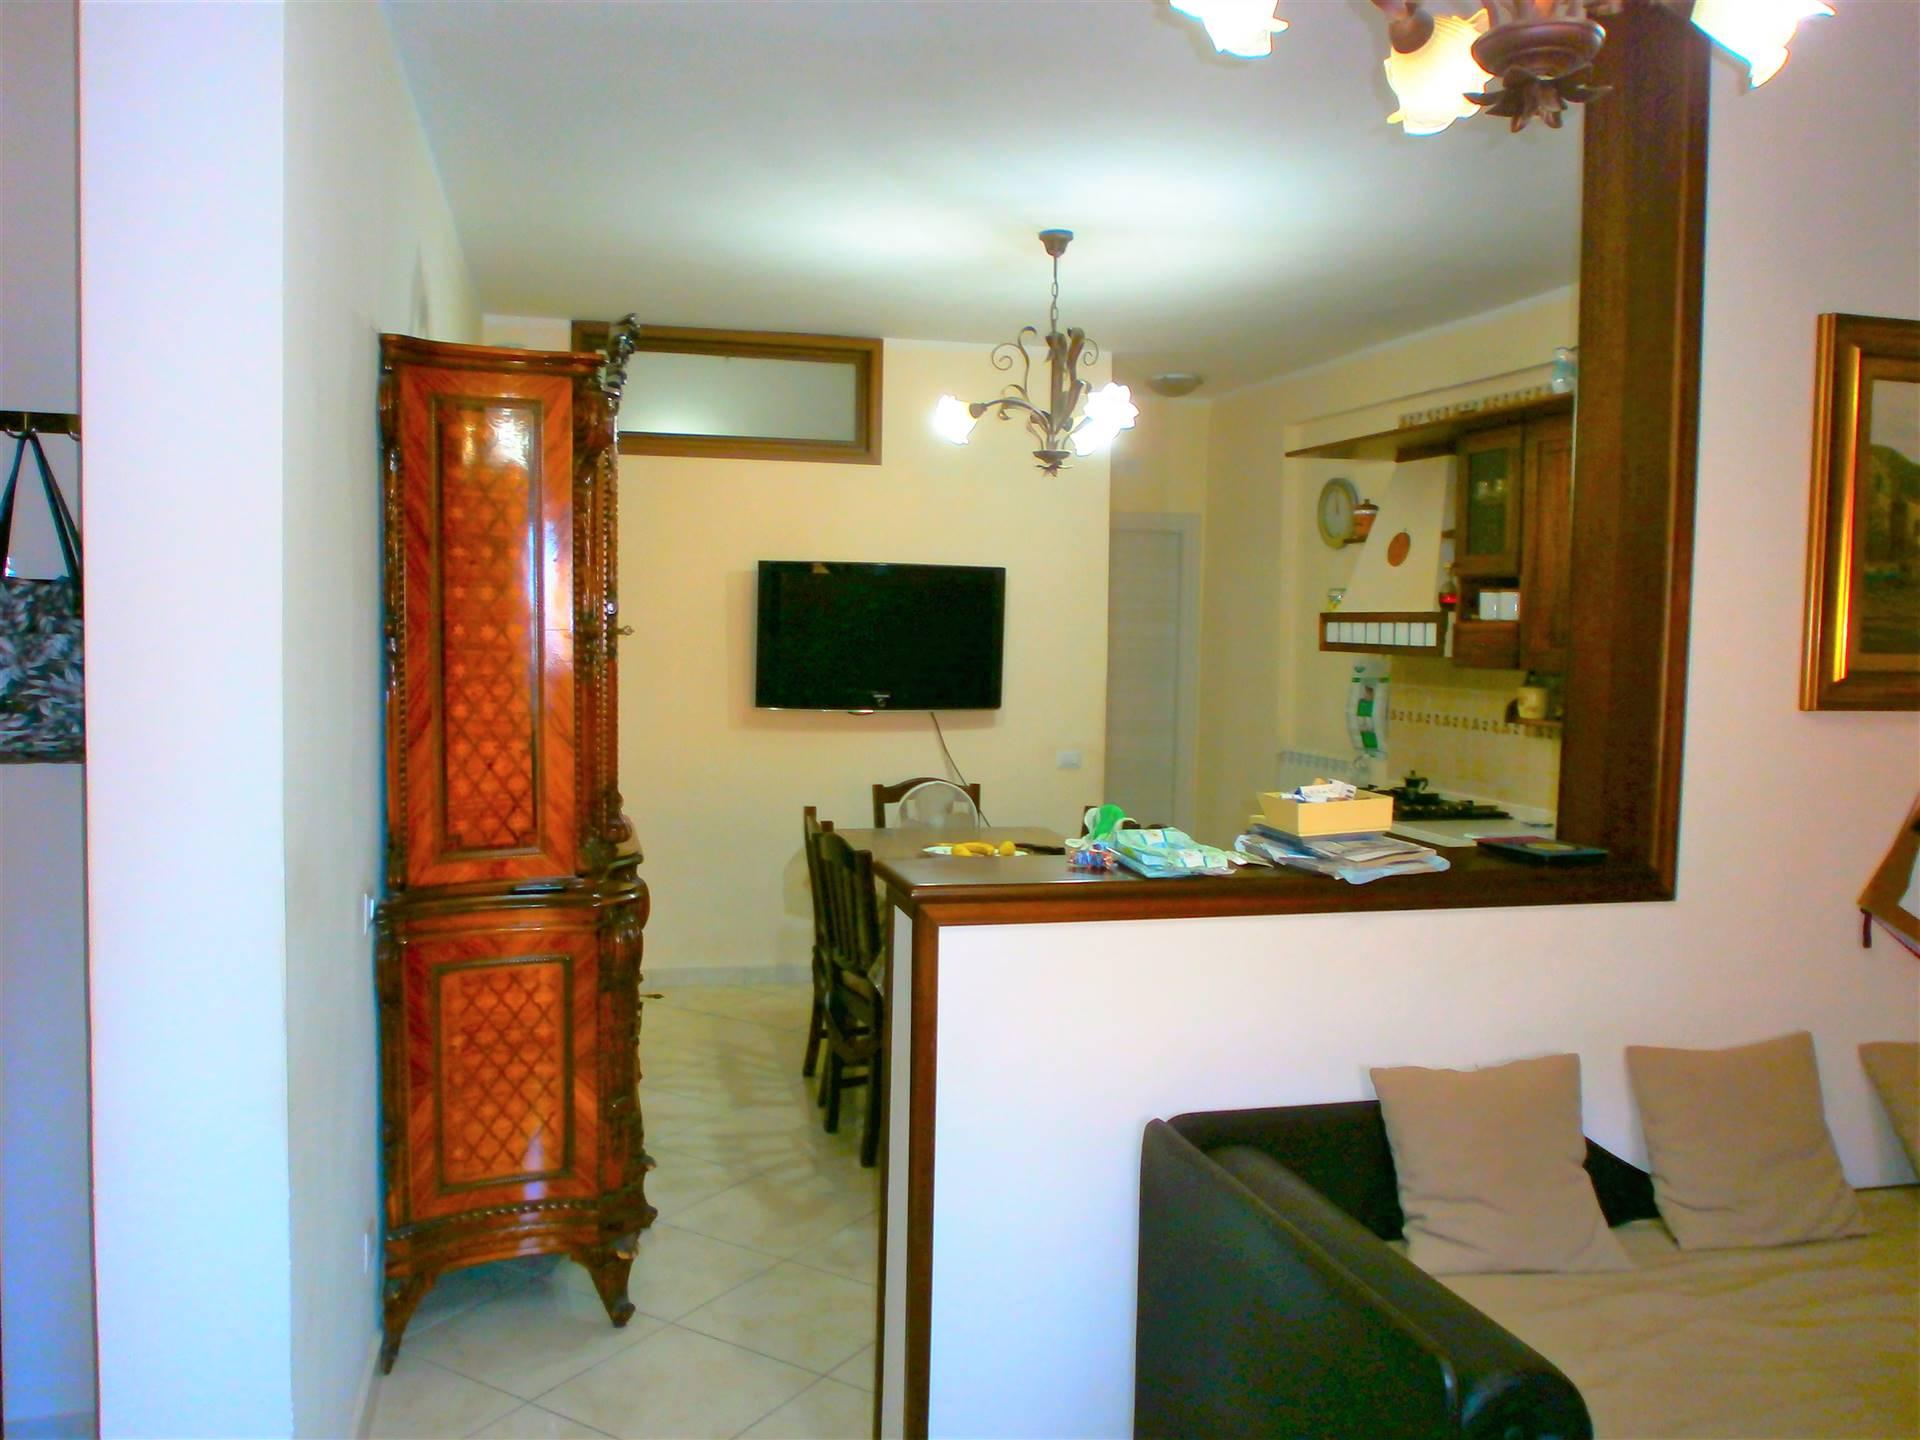 Al Corso de Gasperi di C/mare, proponiamo in fabbricato di recentissima costruzione, un appartamento al piano attico servito da ascensore, composto